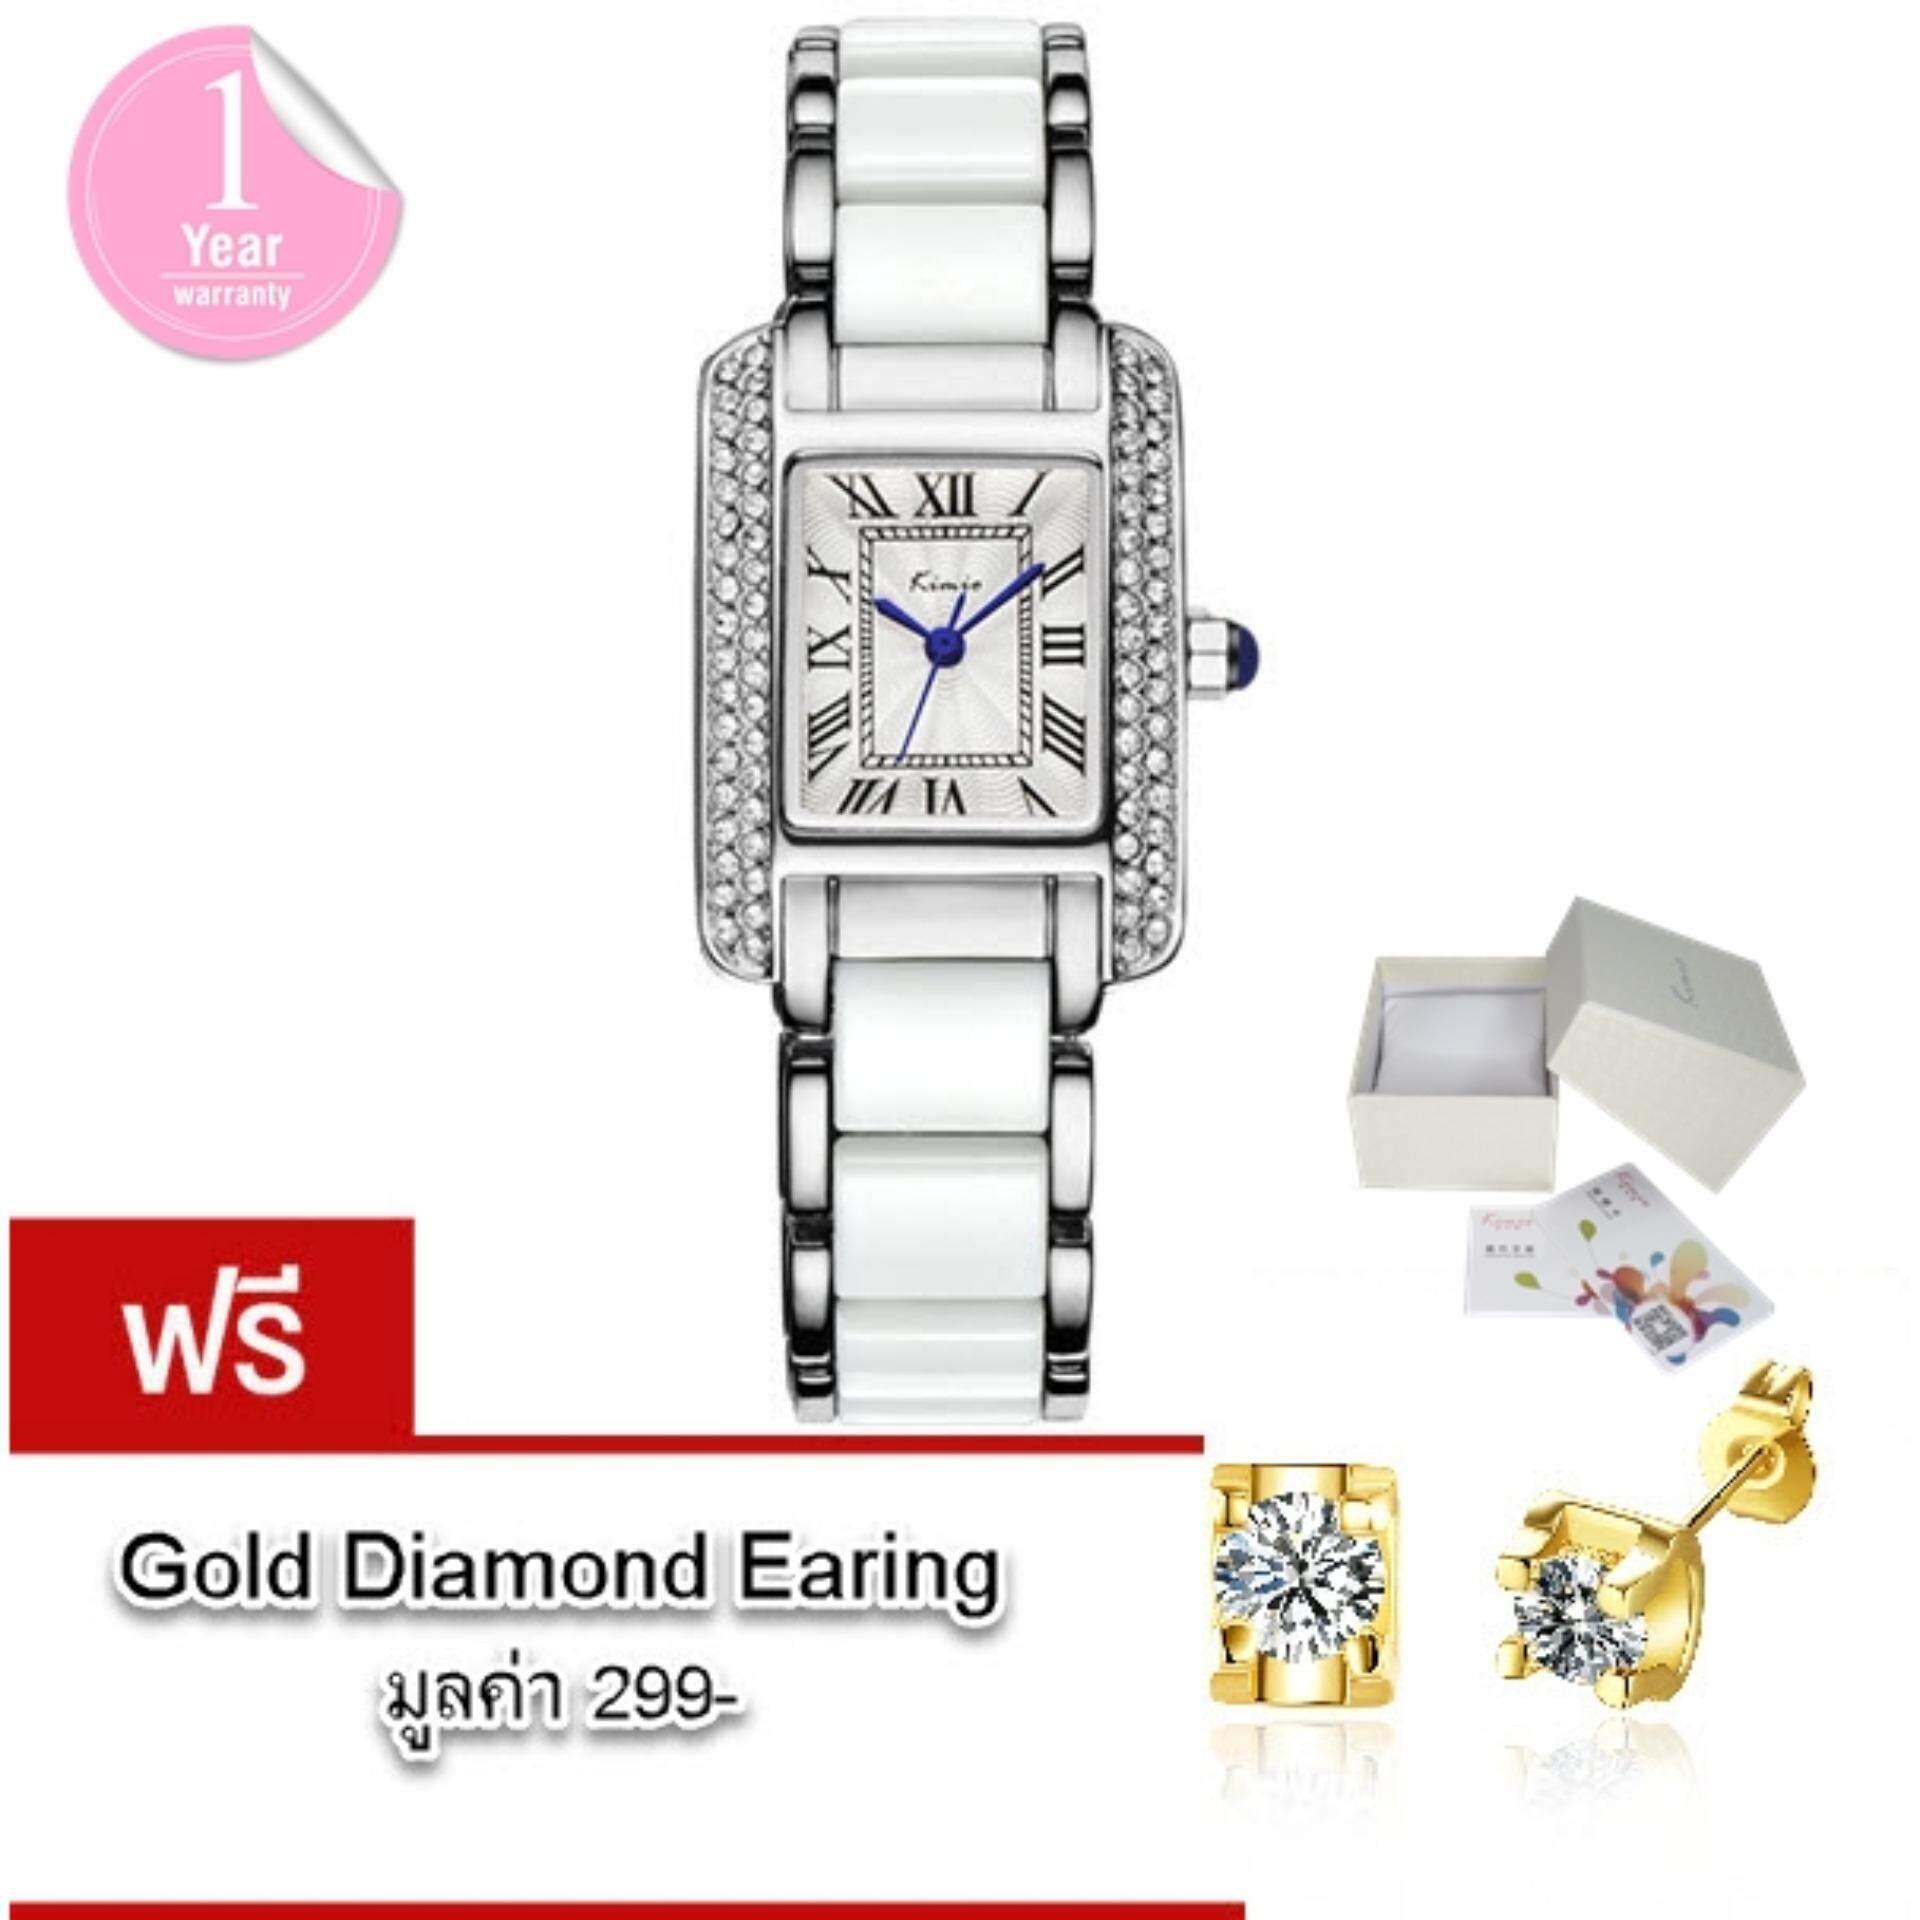 ขาย Kimio นาฬิกาข้อมือผู้หญิง แท้ 100 สาย Alloy สุดอินเทรนด์แฟชั่นของสาวๆ รุ่น Kw6036 พร้อมกล่อง Kimio แถมฟรี ต่างหู Gold Diamond มูลค่า 299 Kimio